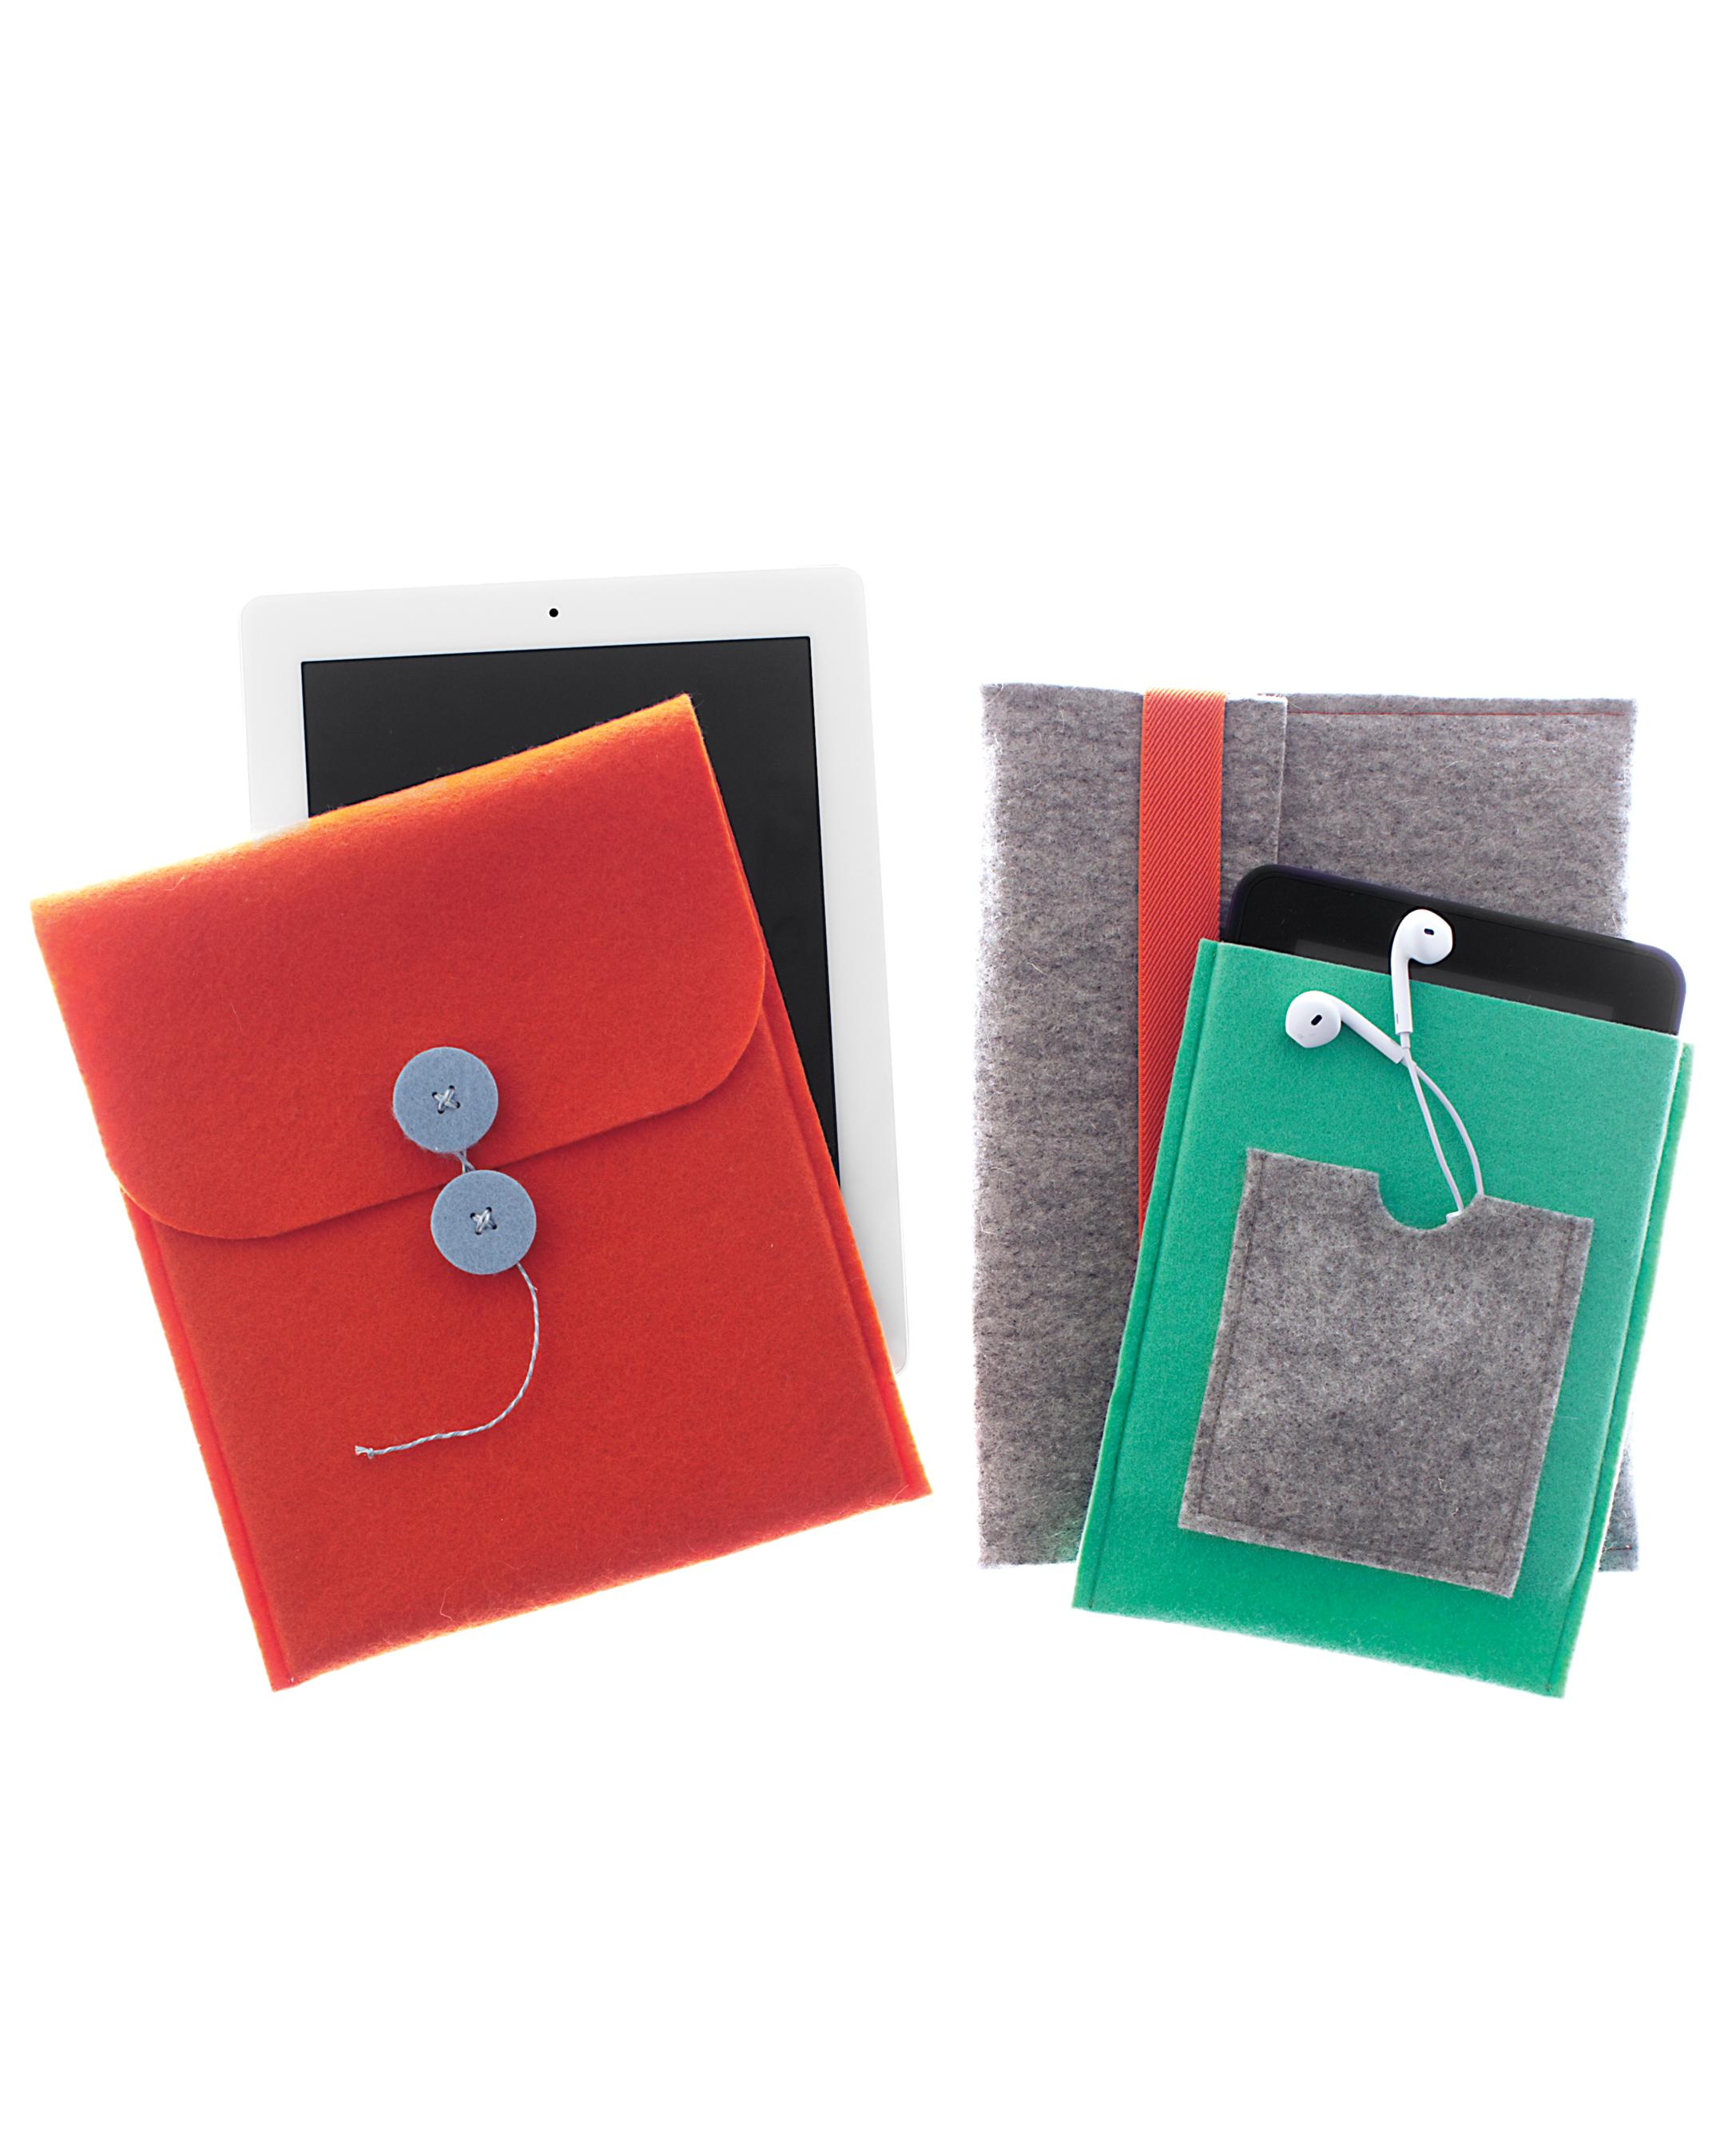 msl-good-things-ipad-case-021-mld109975.jpg